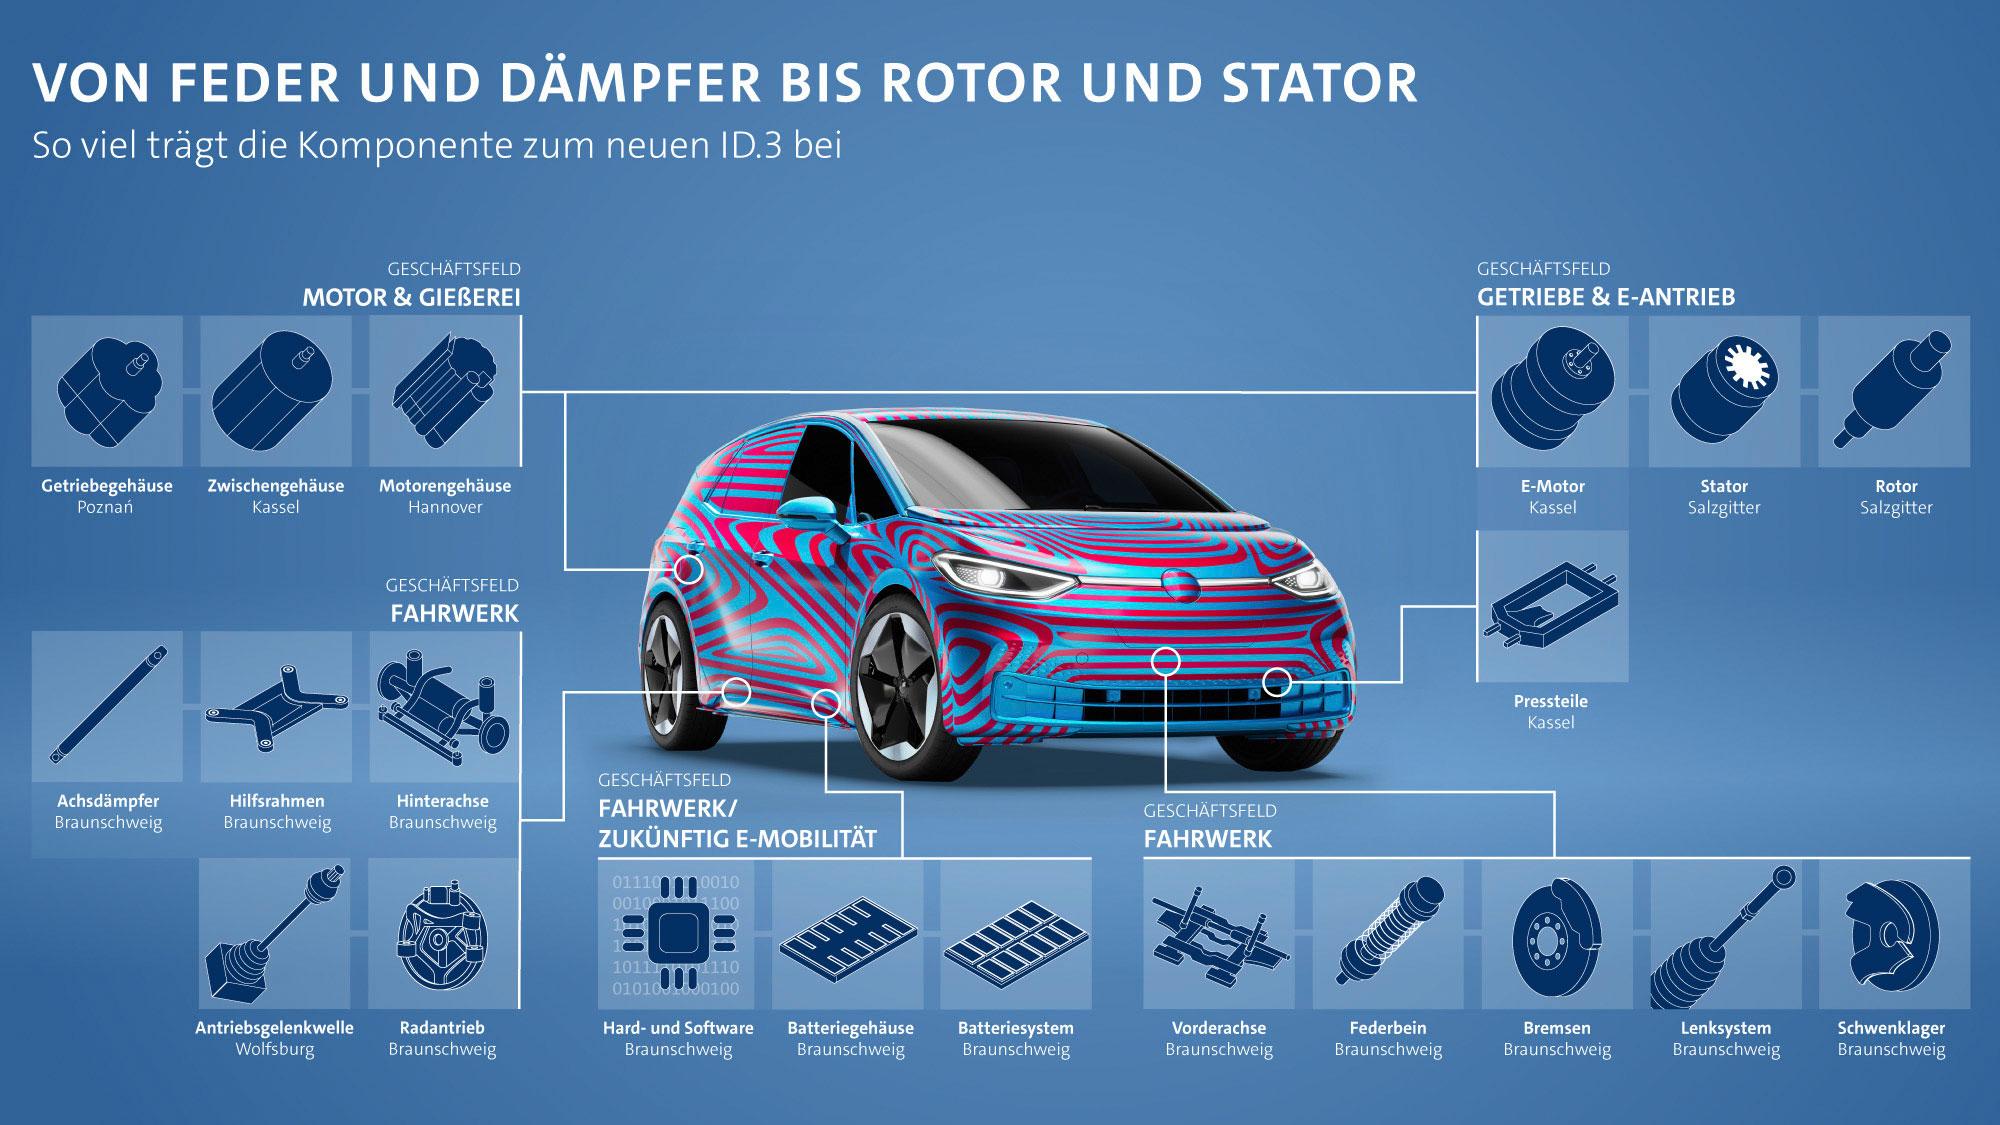 VW-ID3-Komponenten